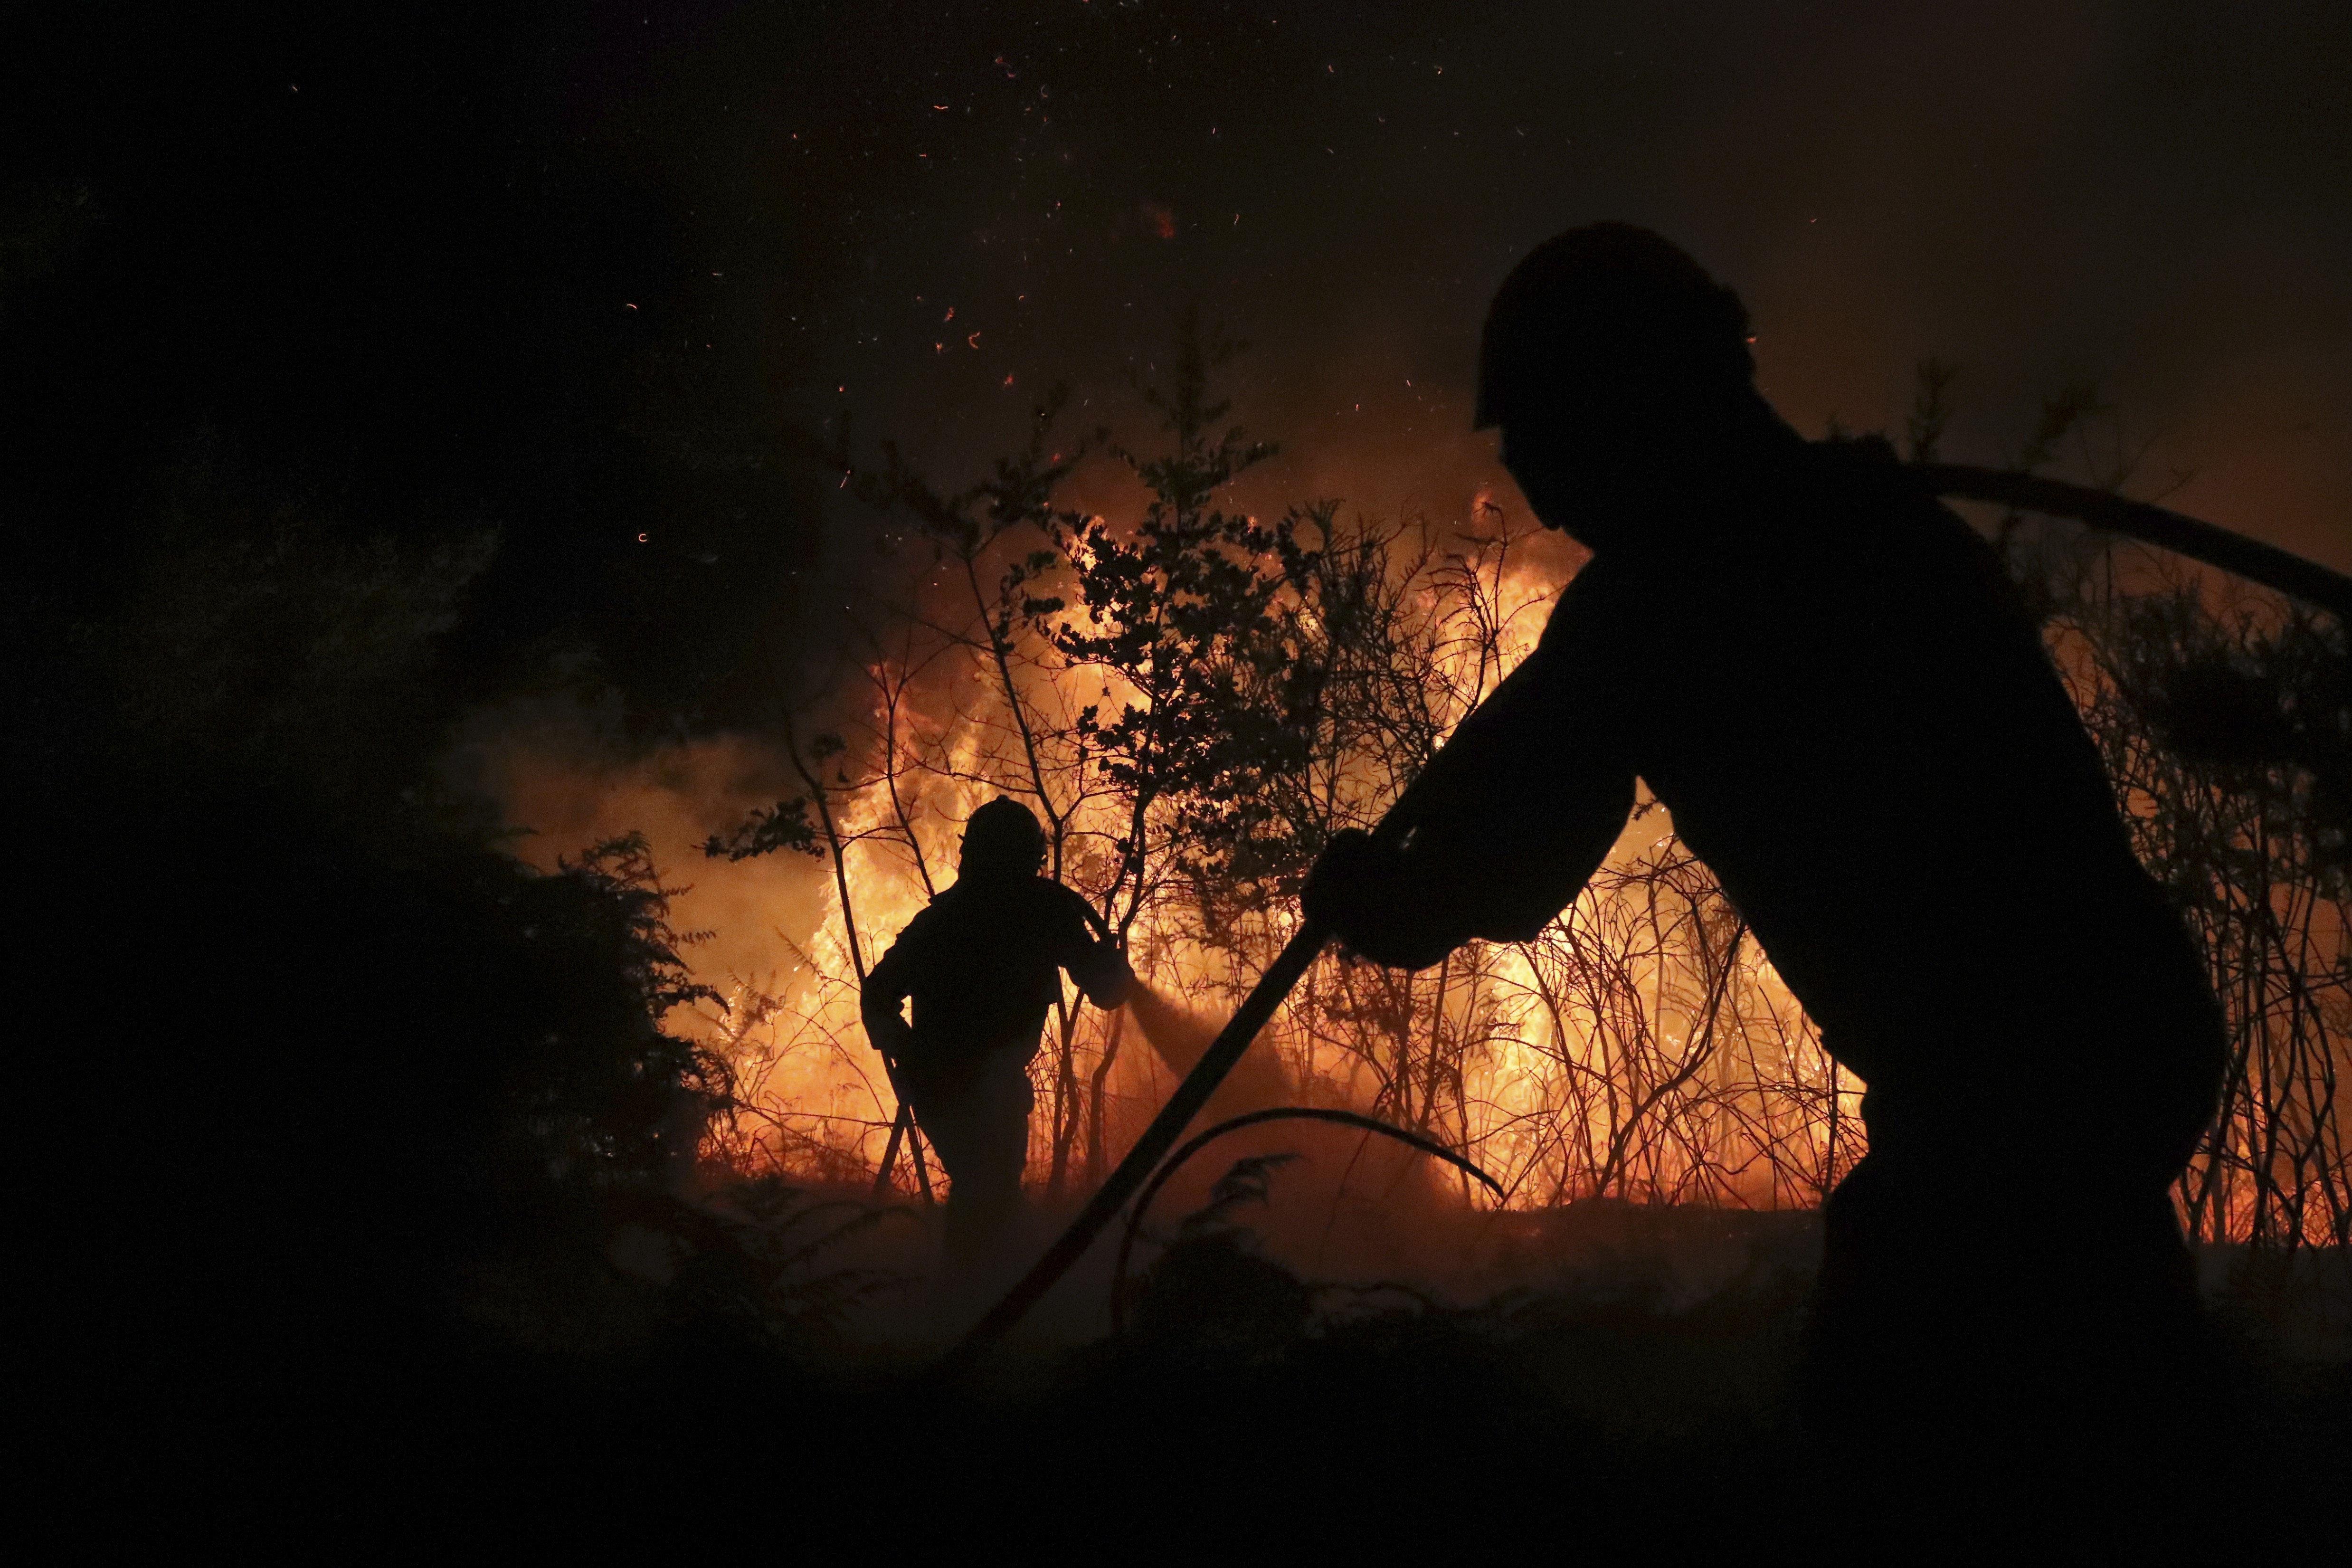 Bombers i brigades forestals apaguen un foc a Santiago de Compostel·la. /XÓAN REY